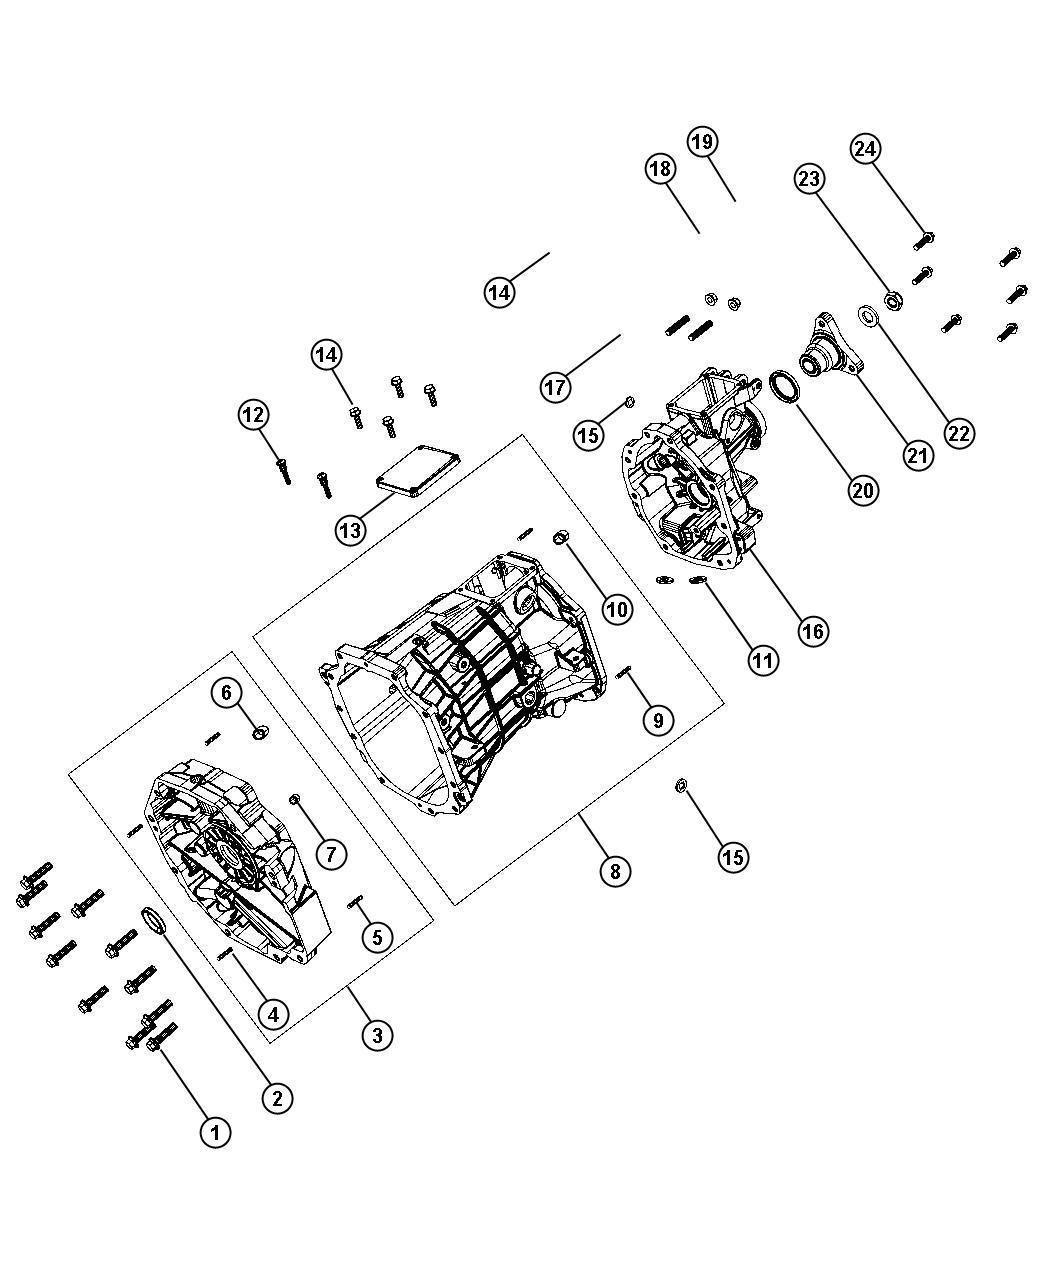 2009 Dodge Ram 3500 Plug. Oil fill, transmission drain